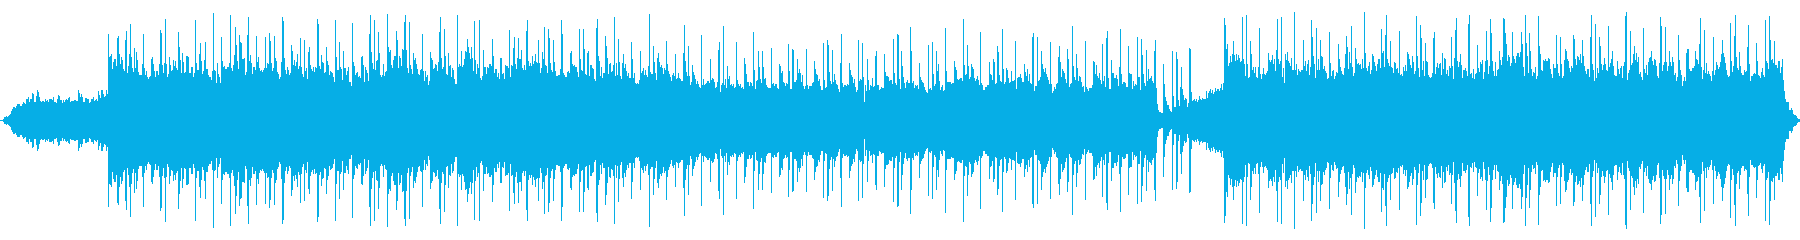 80年代風レトロフューチャーの再生済みの波形